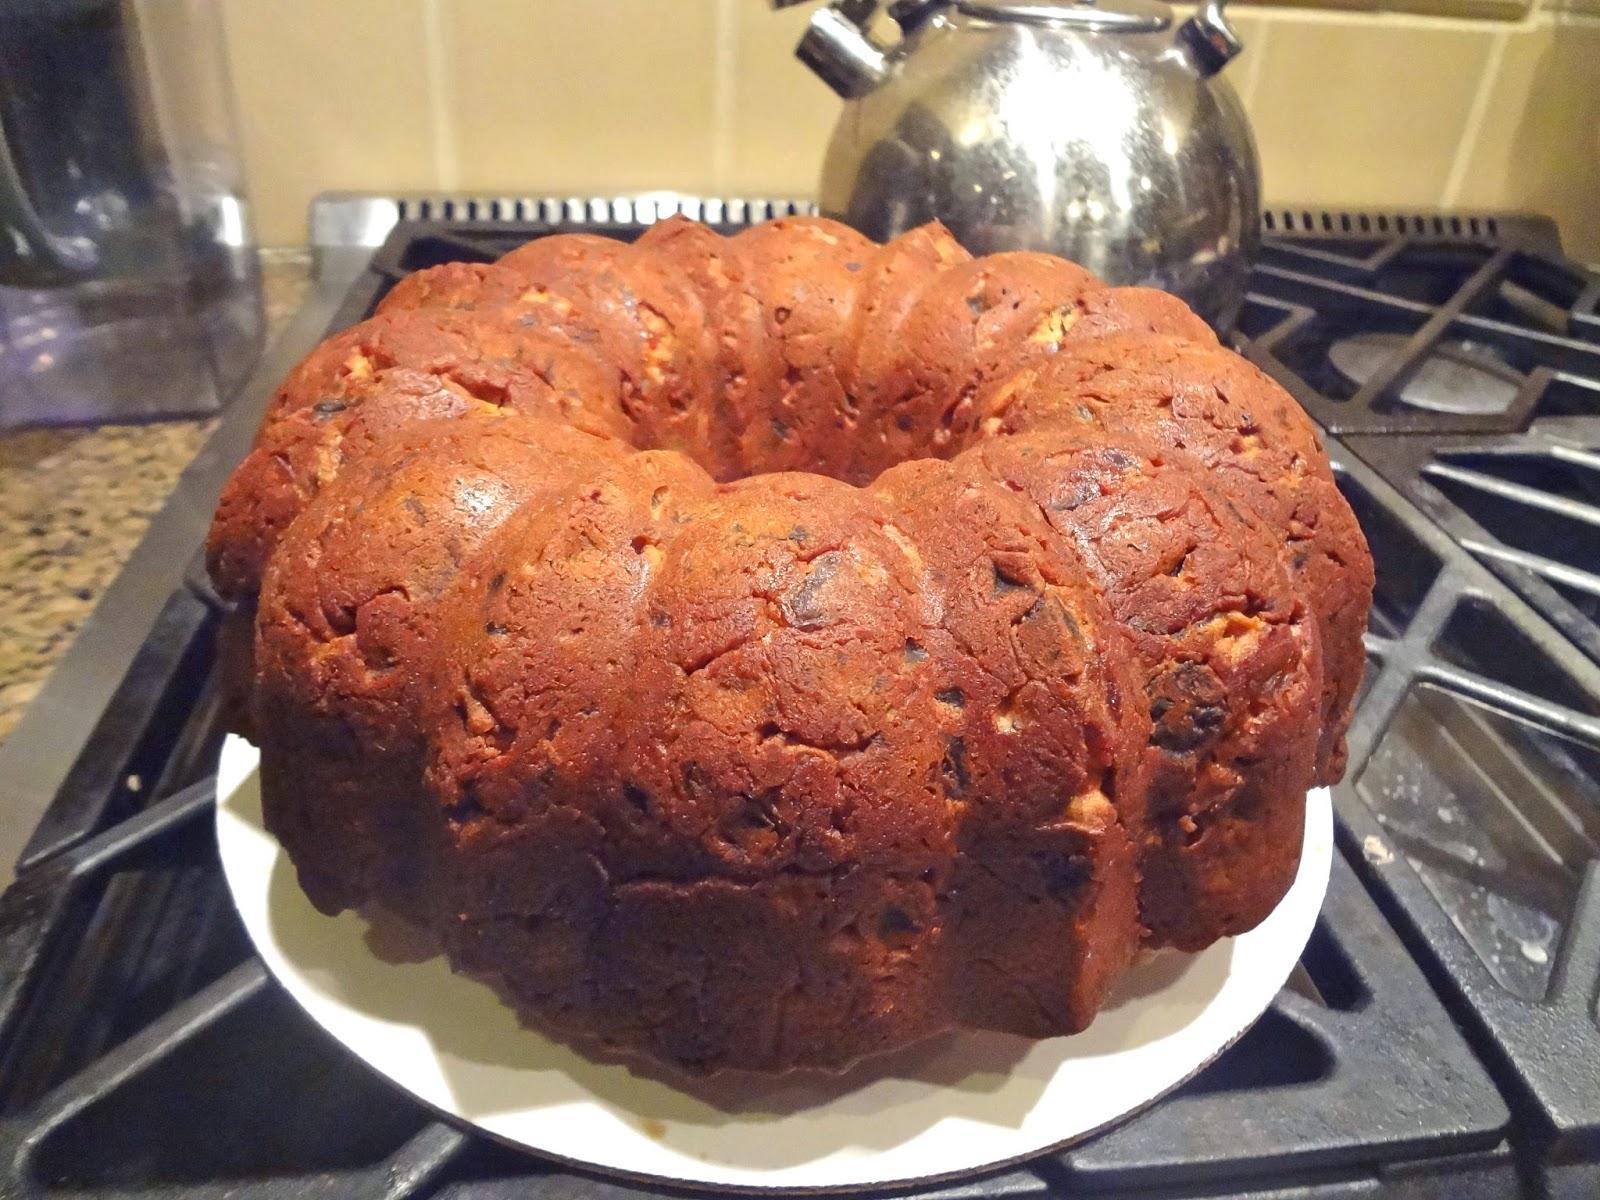 Pillsbury Quick Bread Fruit Cake Recipe